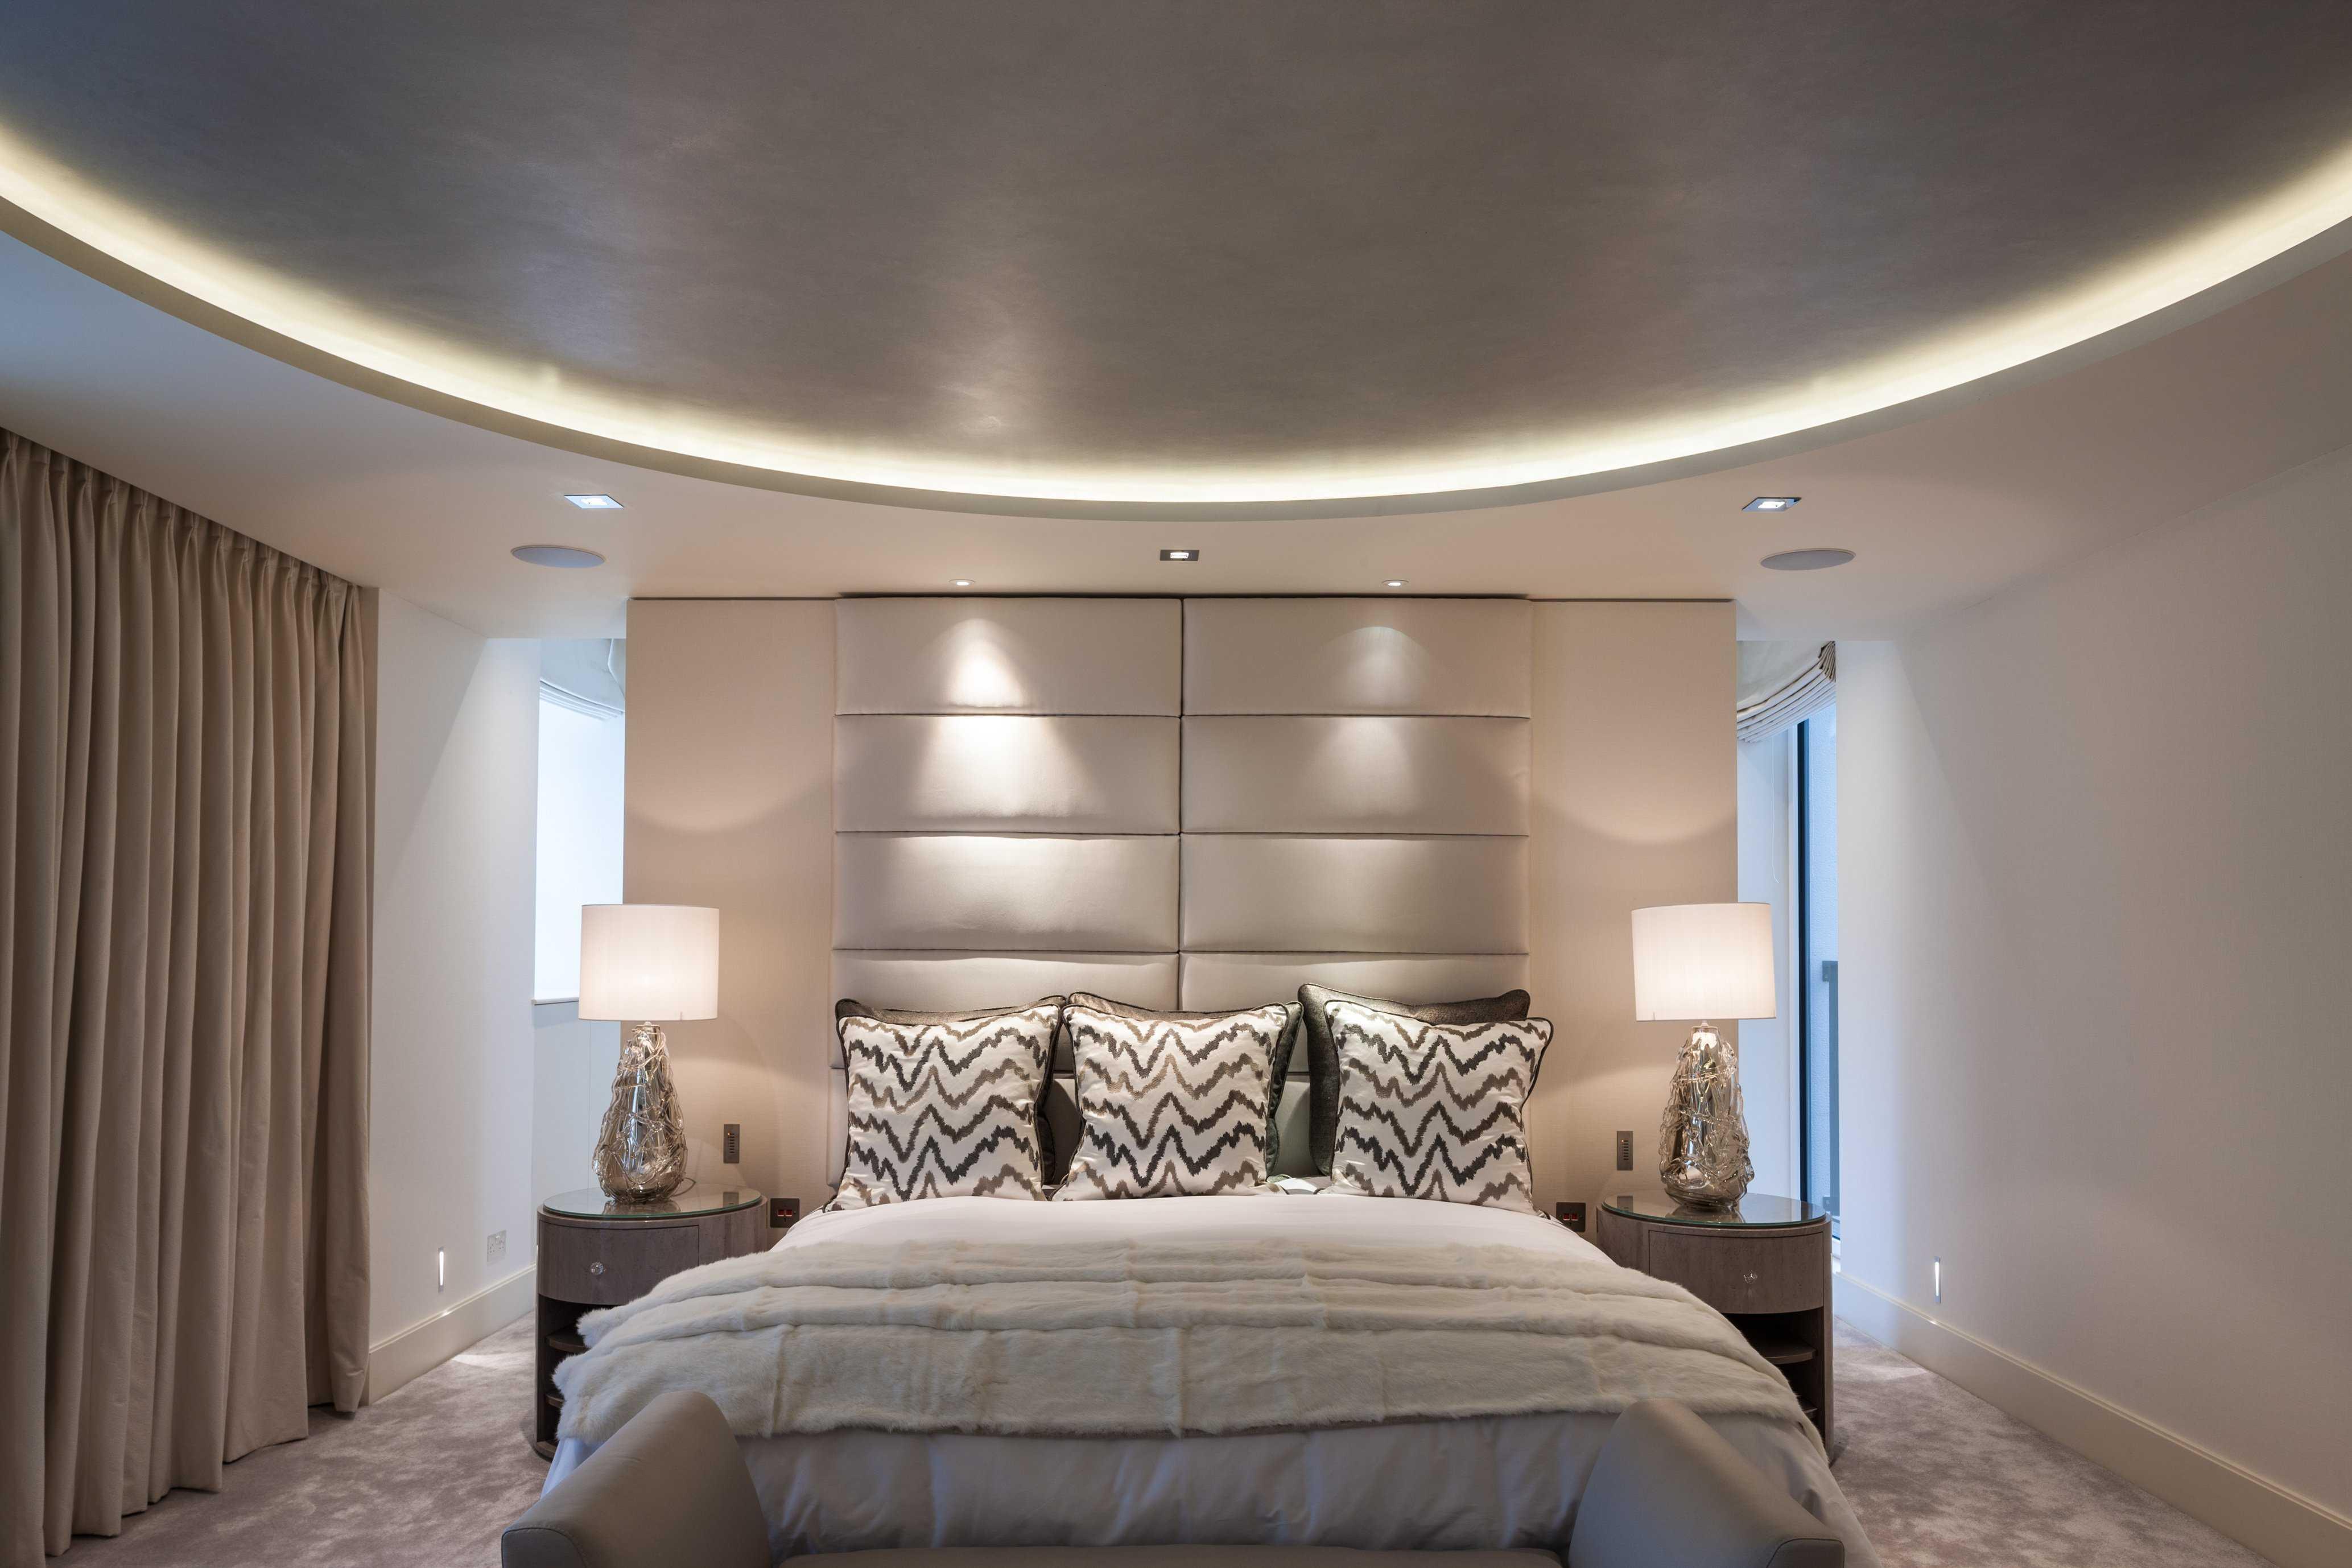 Потолки для спальни из гипсокартона (94 фото): идеи дизайна-2020 подвесных гипсокартонных конструкций, красивые потолки из гипсокартона